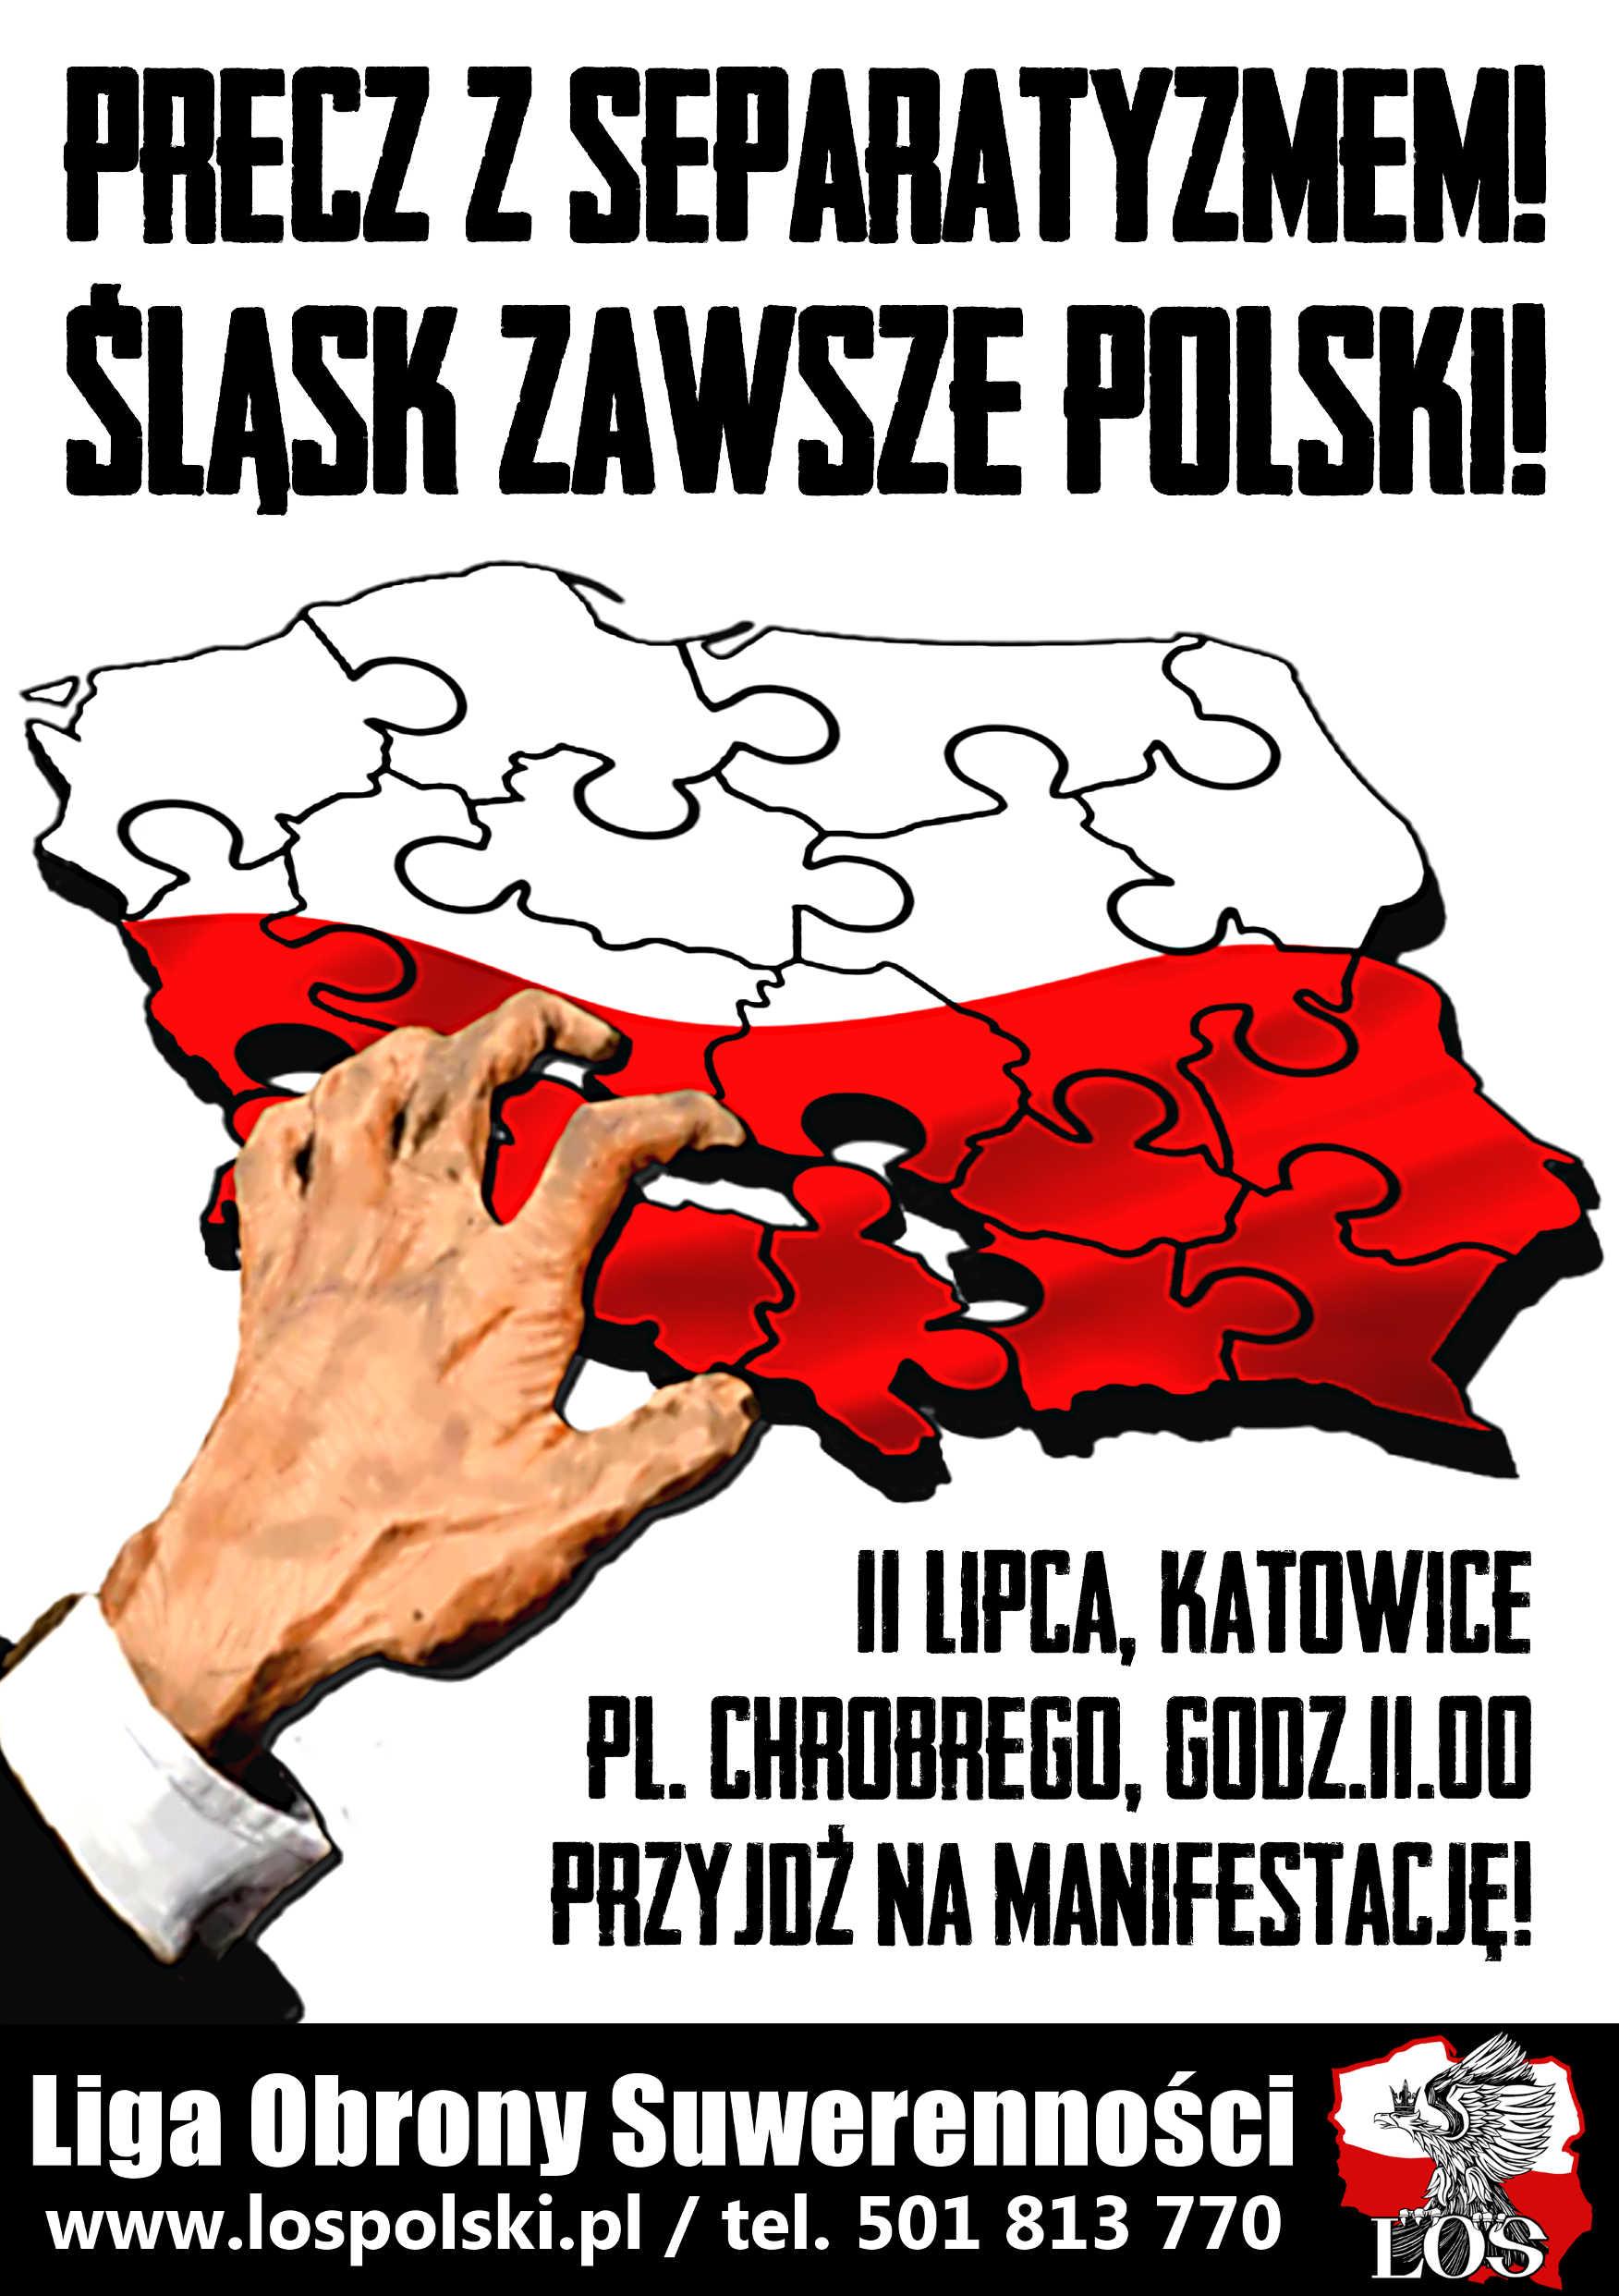 Precz z separatyzmem ! Śląsk zawsze polski !